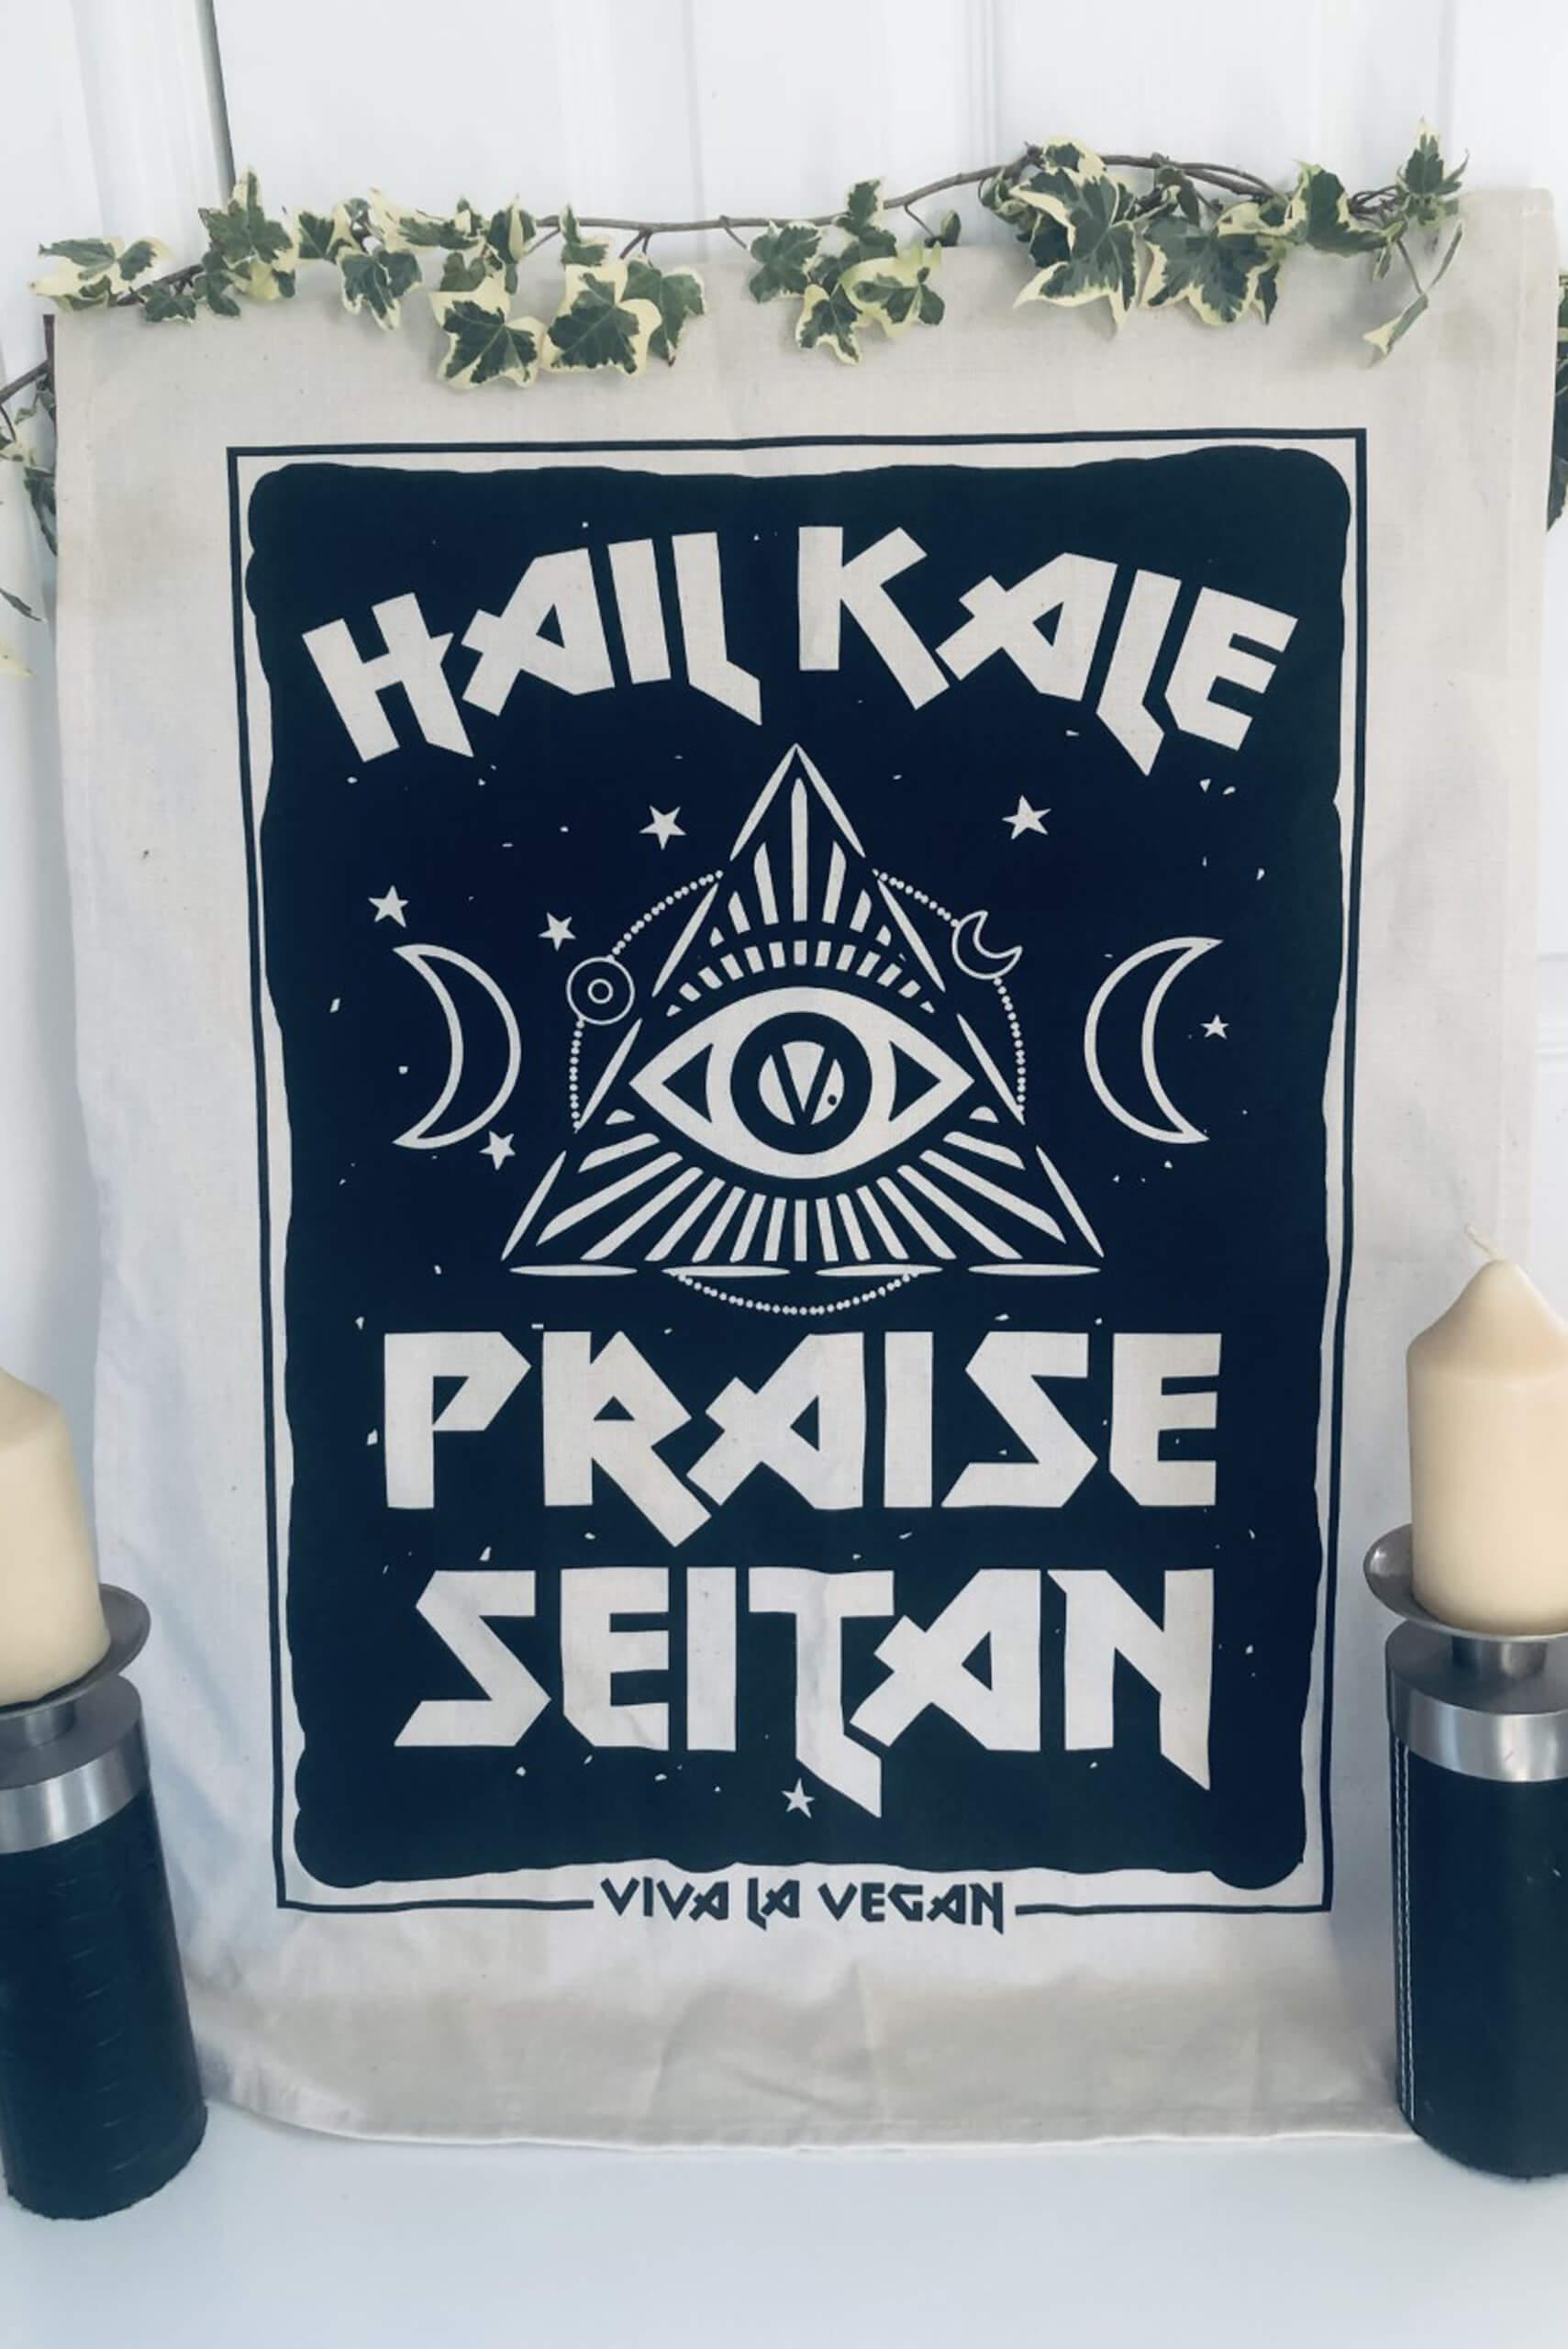 Hail Kale - Praise Seitan Vegan Tea towel full design. By eco ethical brand Viva La Vegan